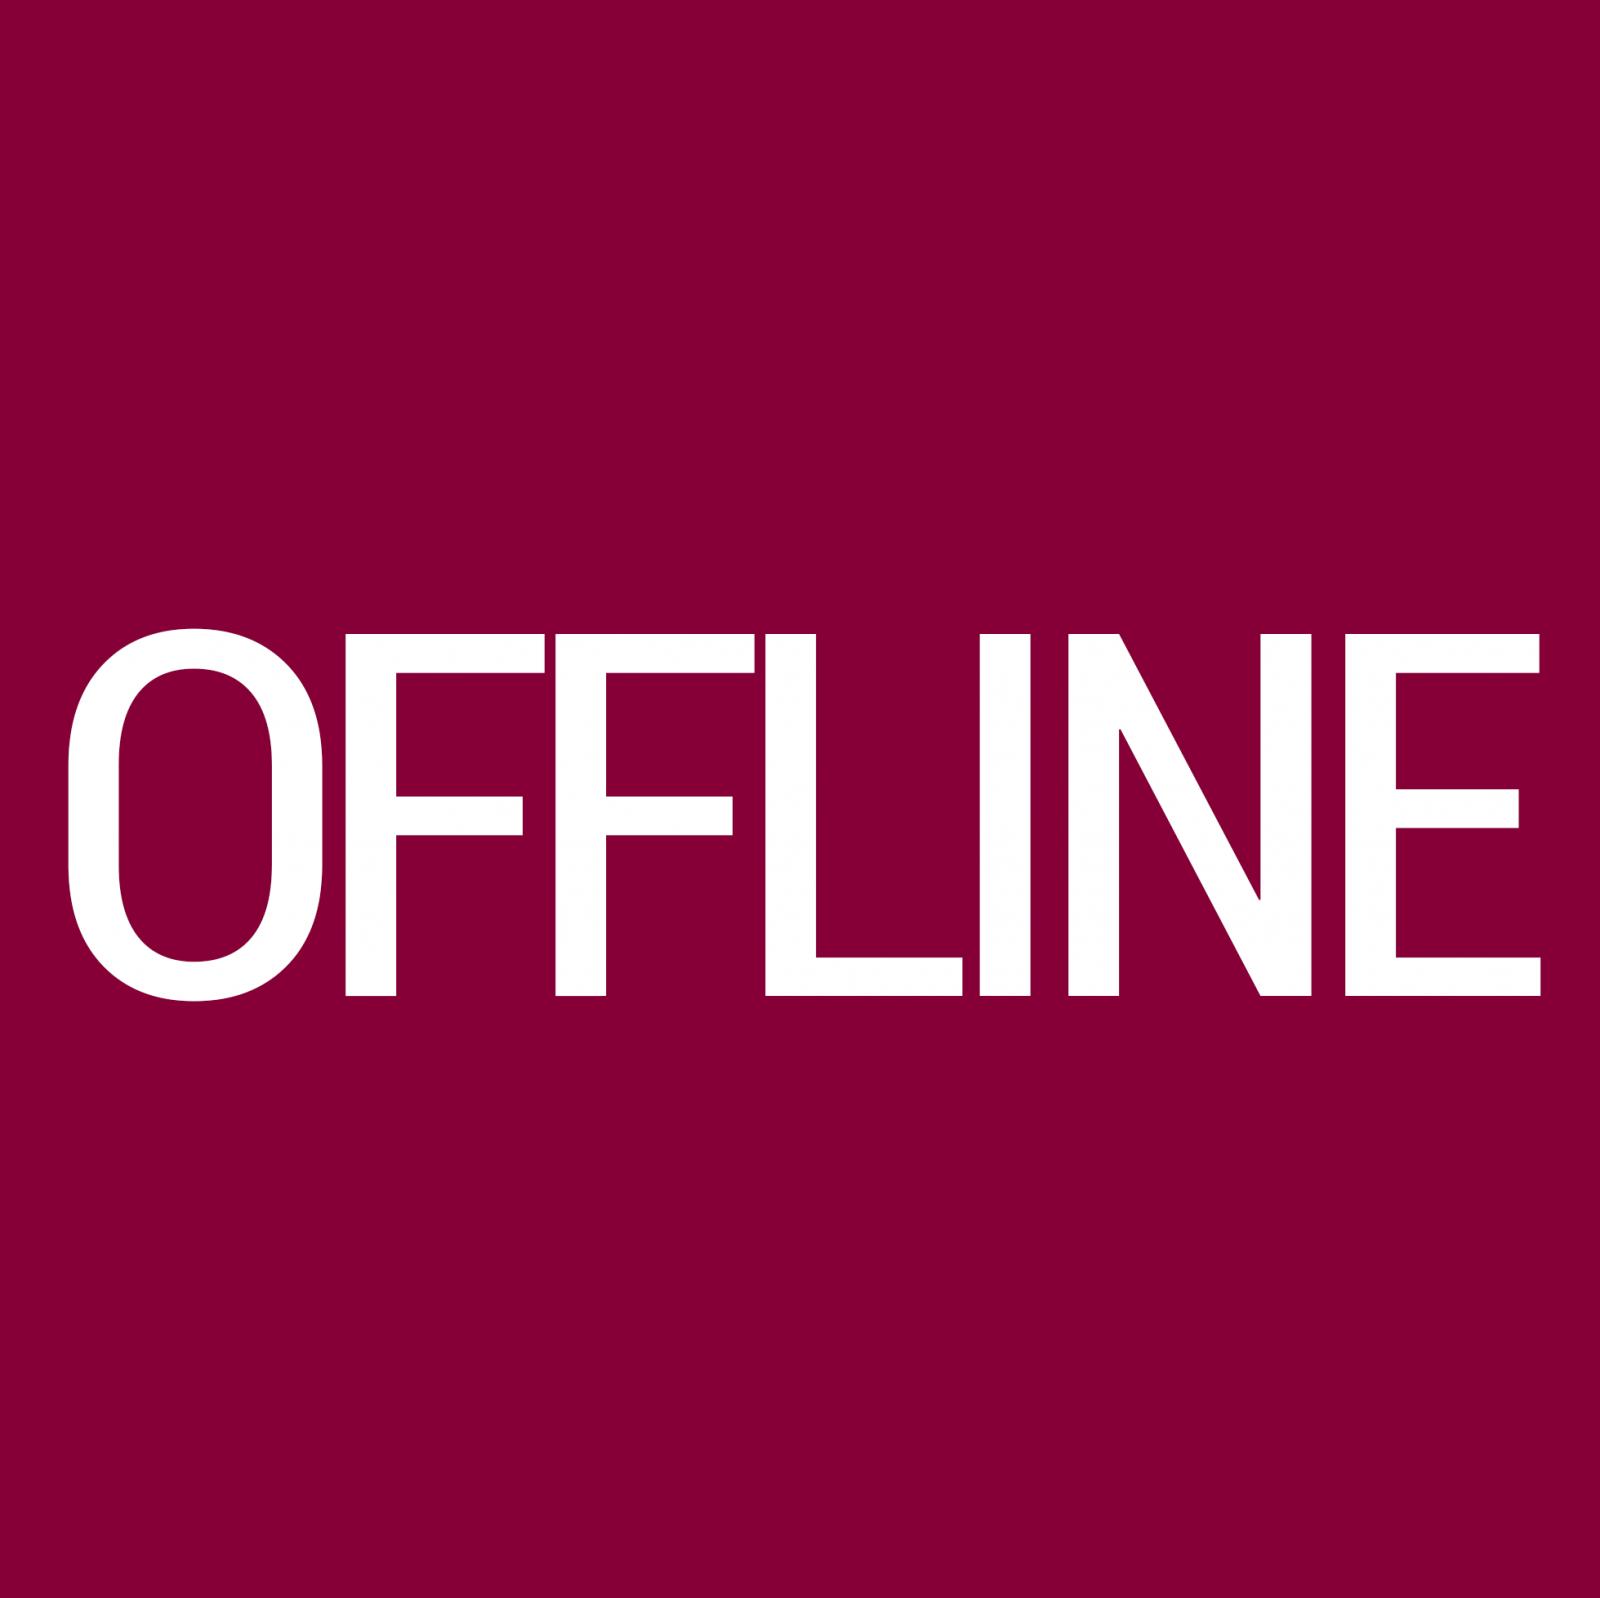 offline